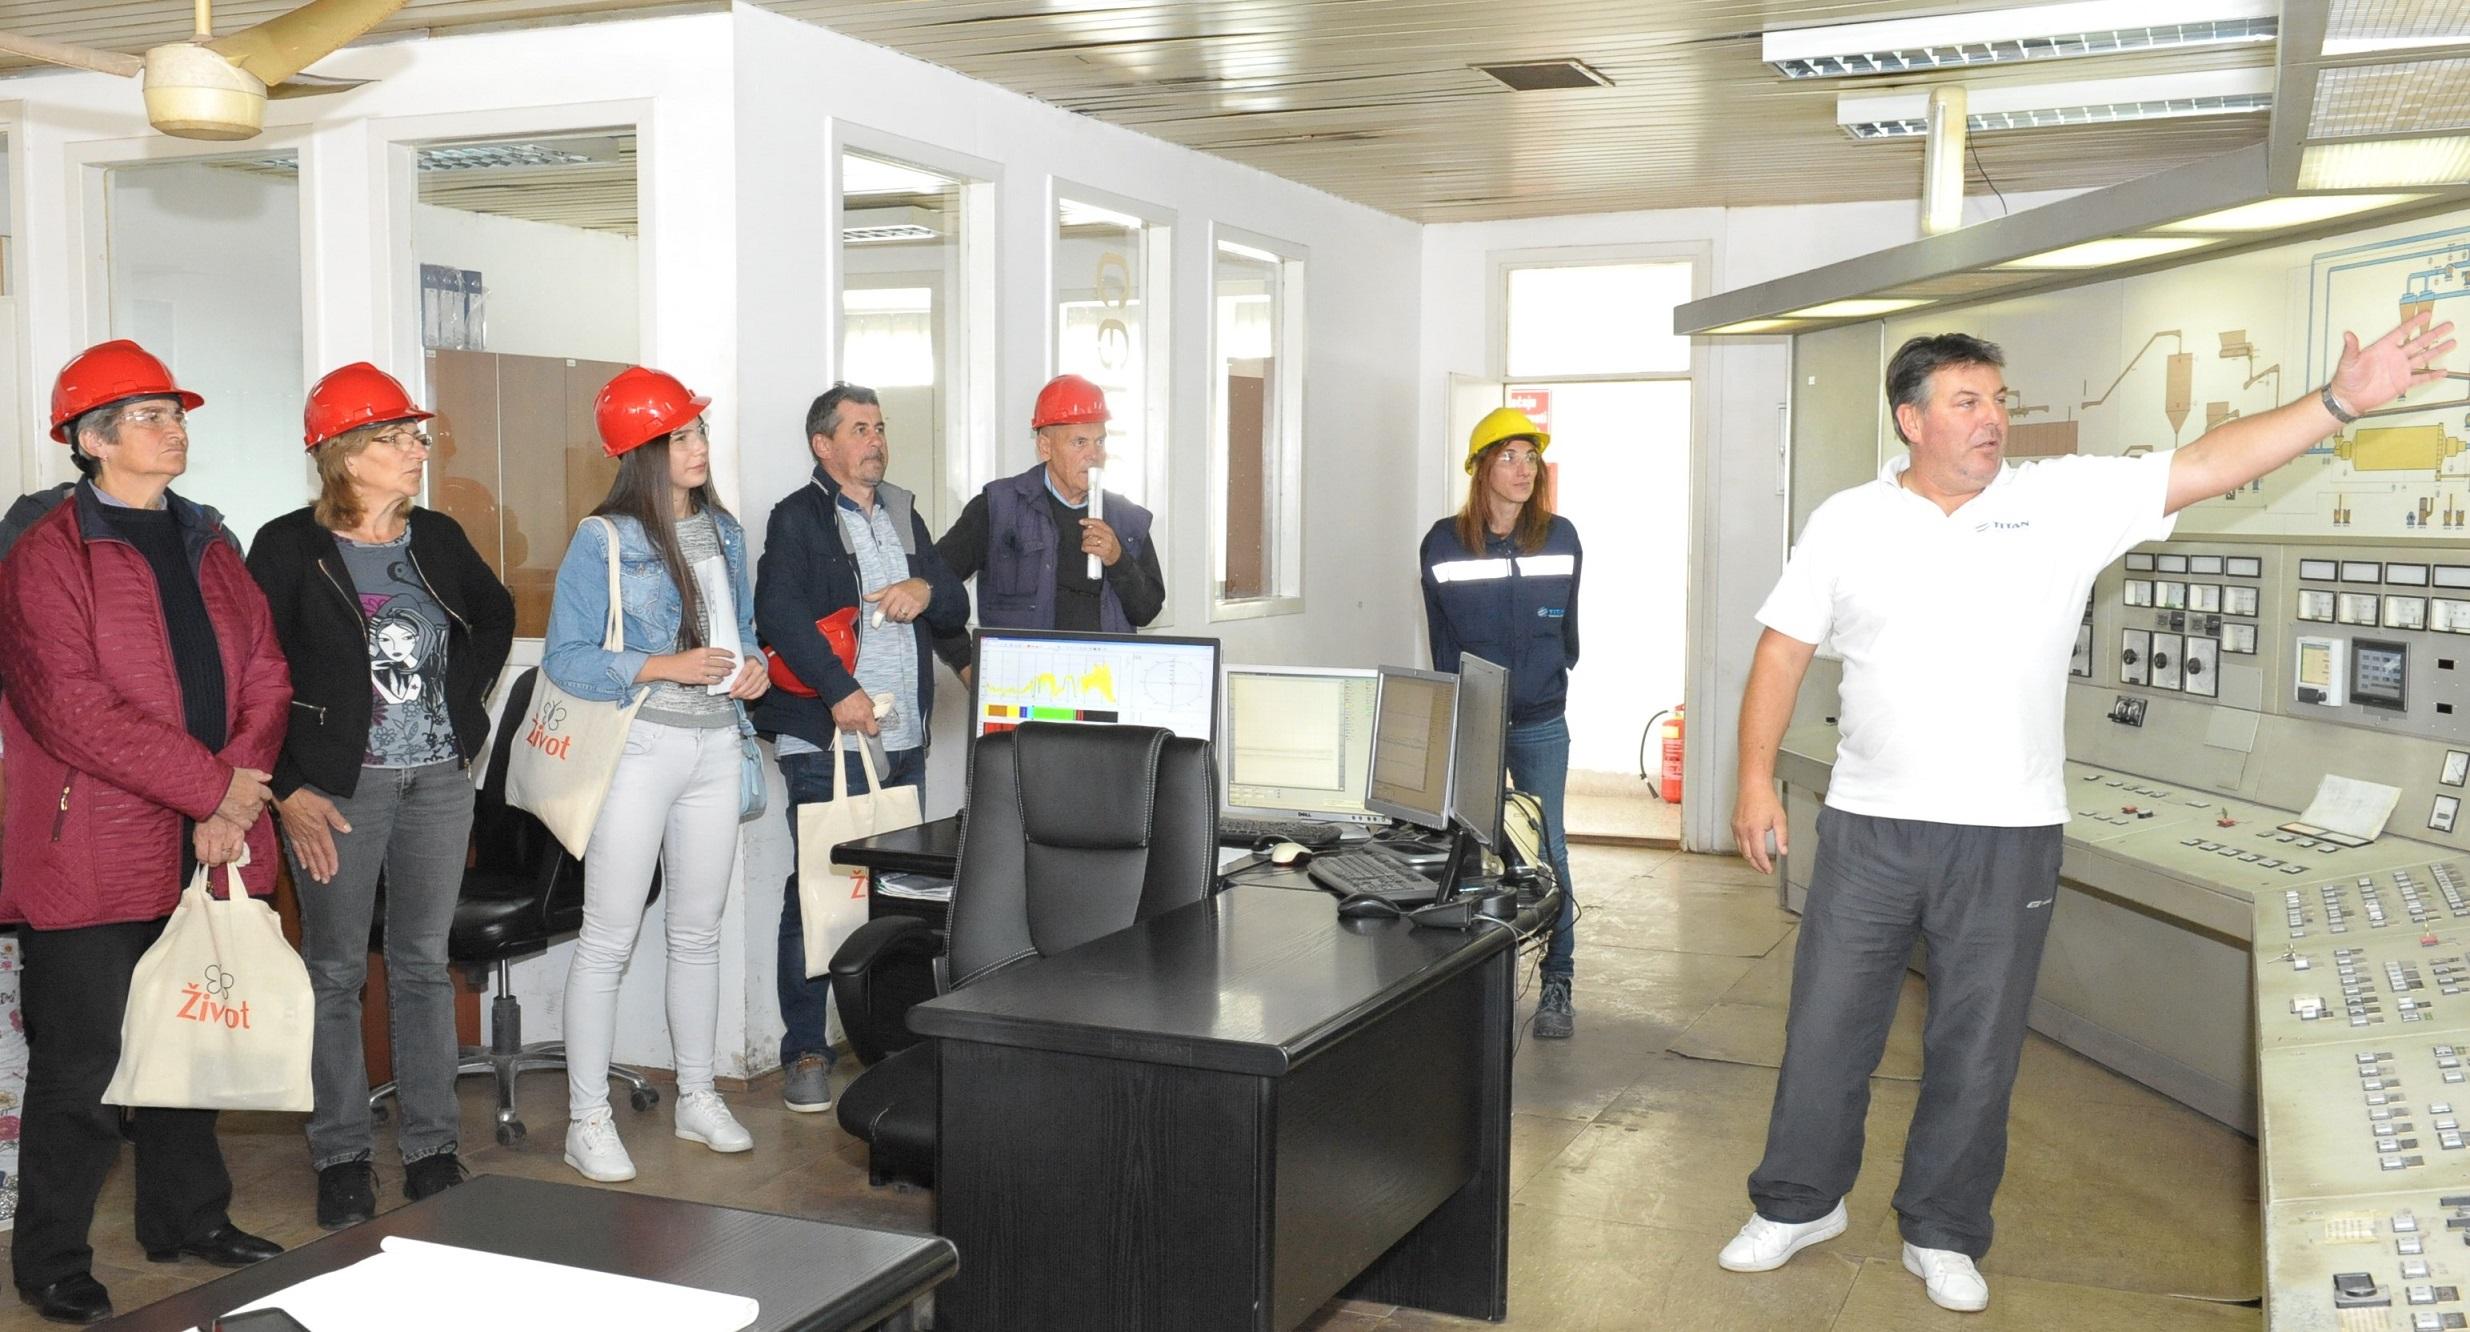 Poseta komandnom centru u okviru obilaska fabrike TITAN Cementara Kosjeric